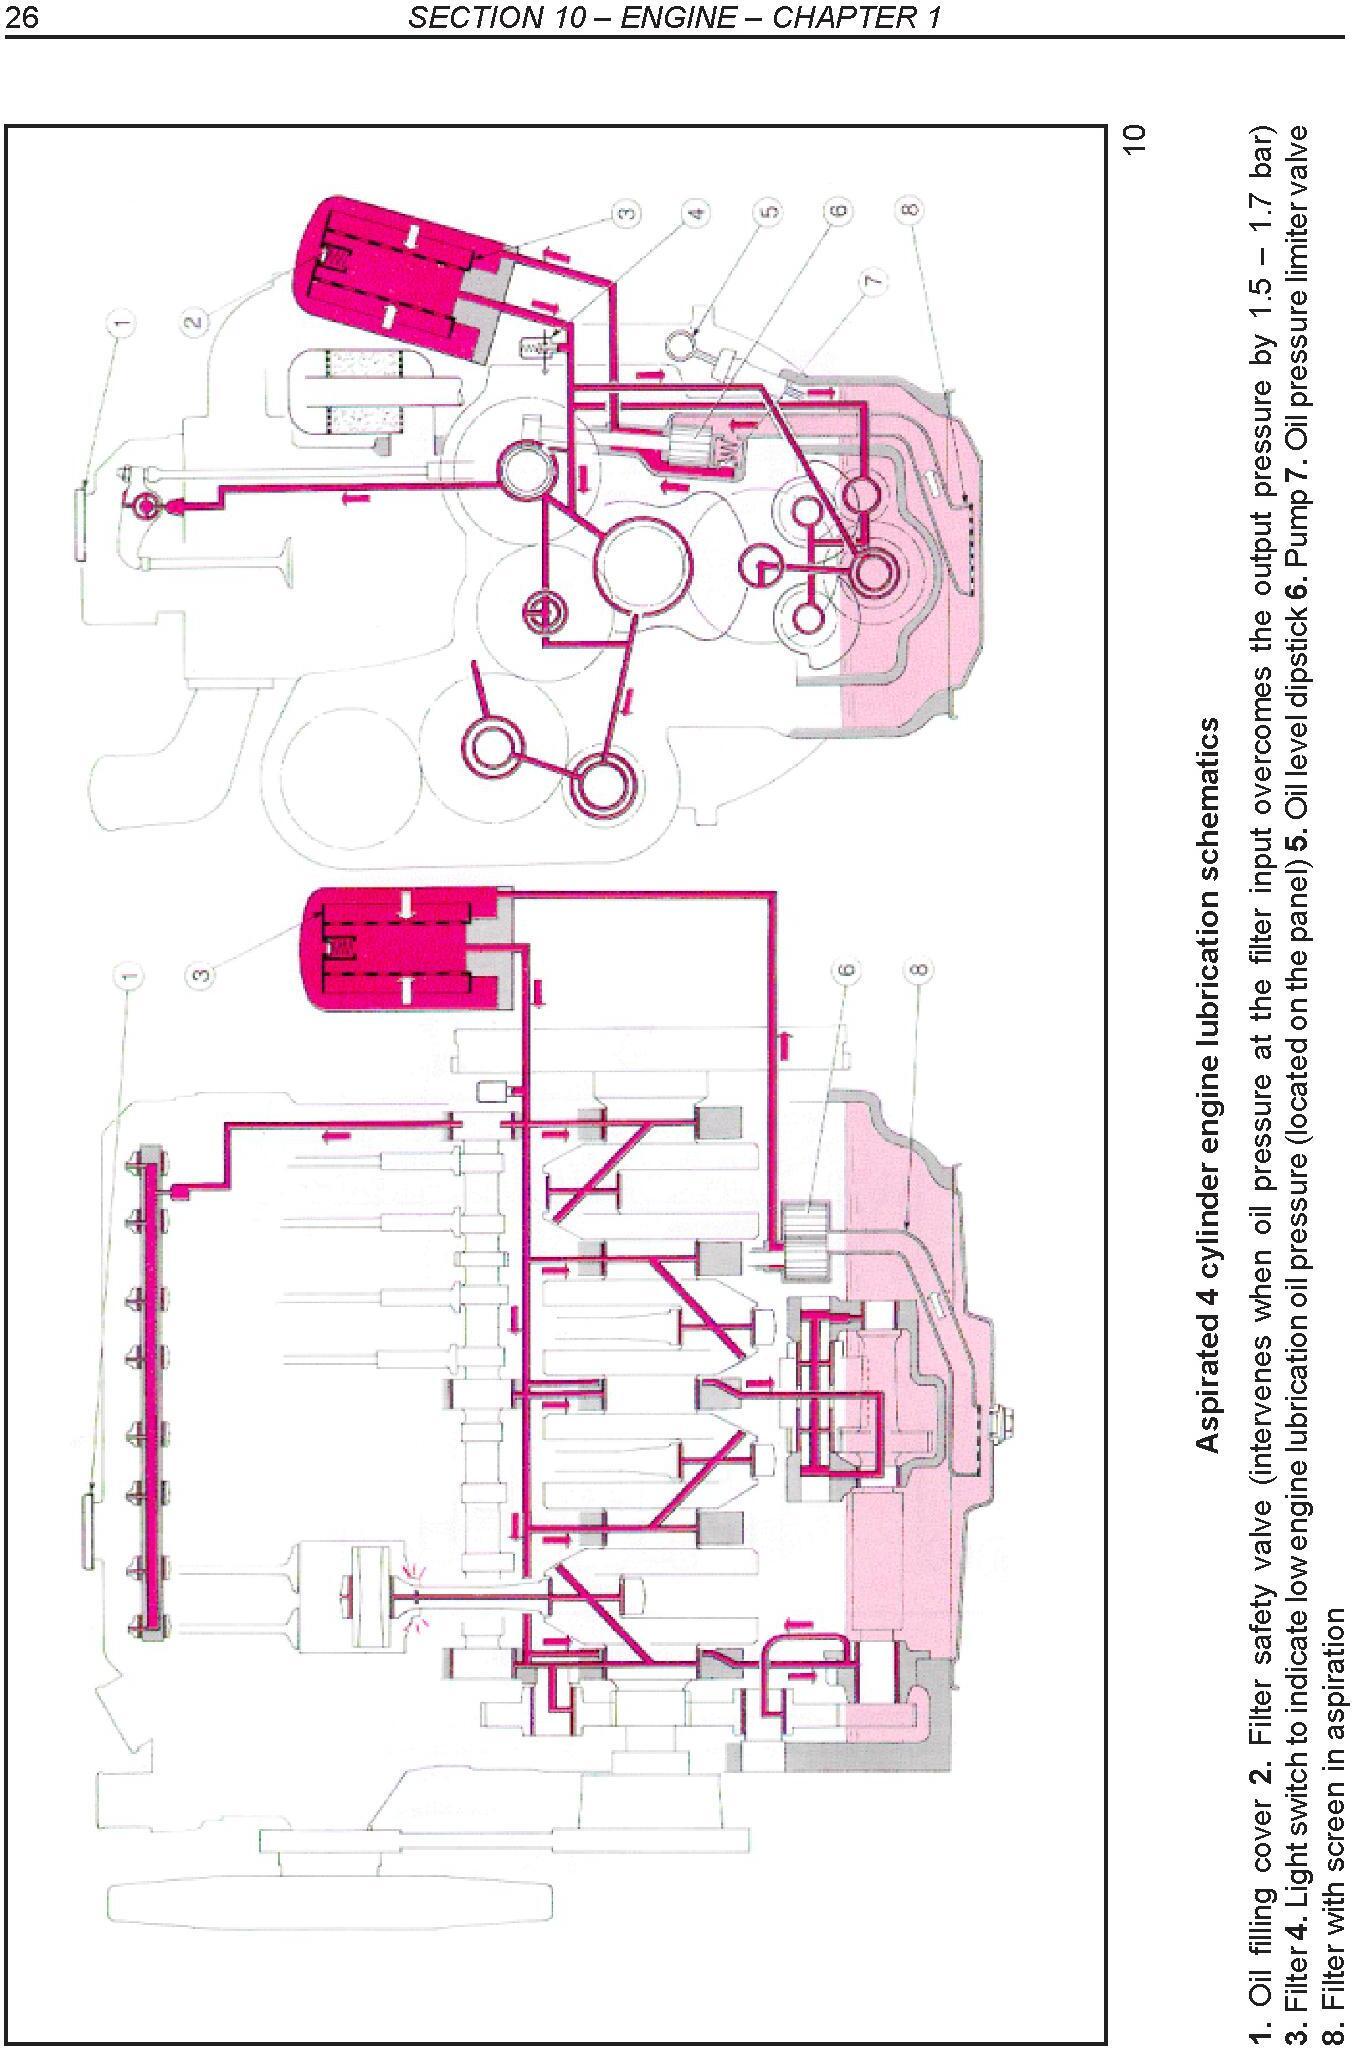 New Holland TL60E, TL75E, TL85E, TL95E MY2013 Tractor Service Manual - 2